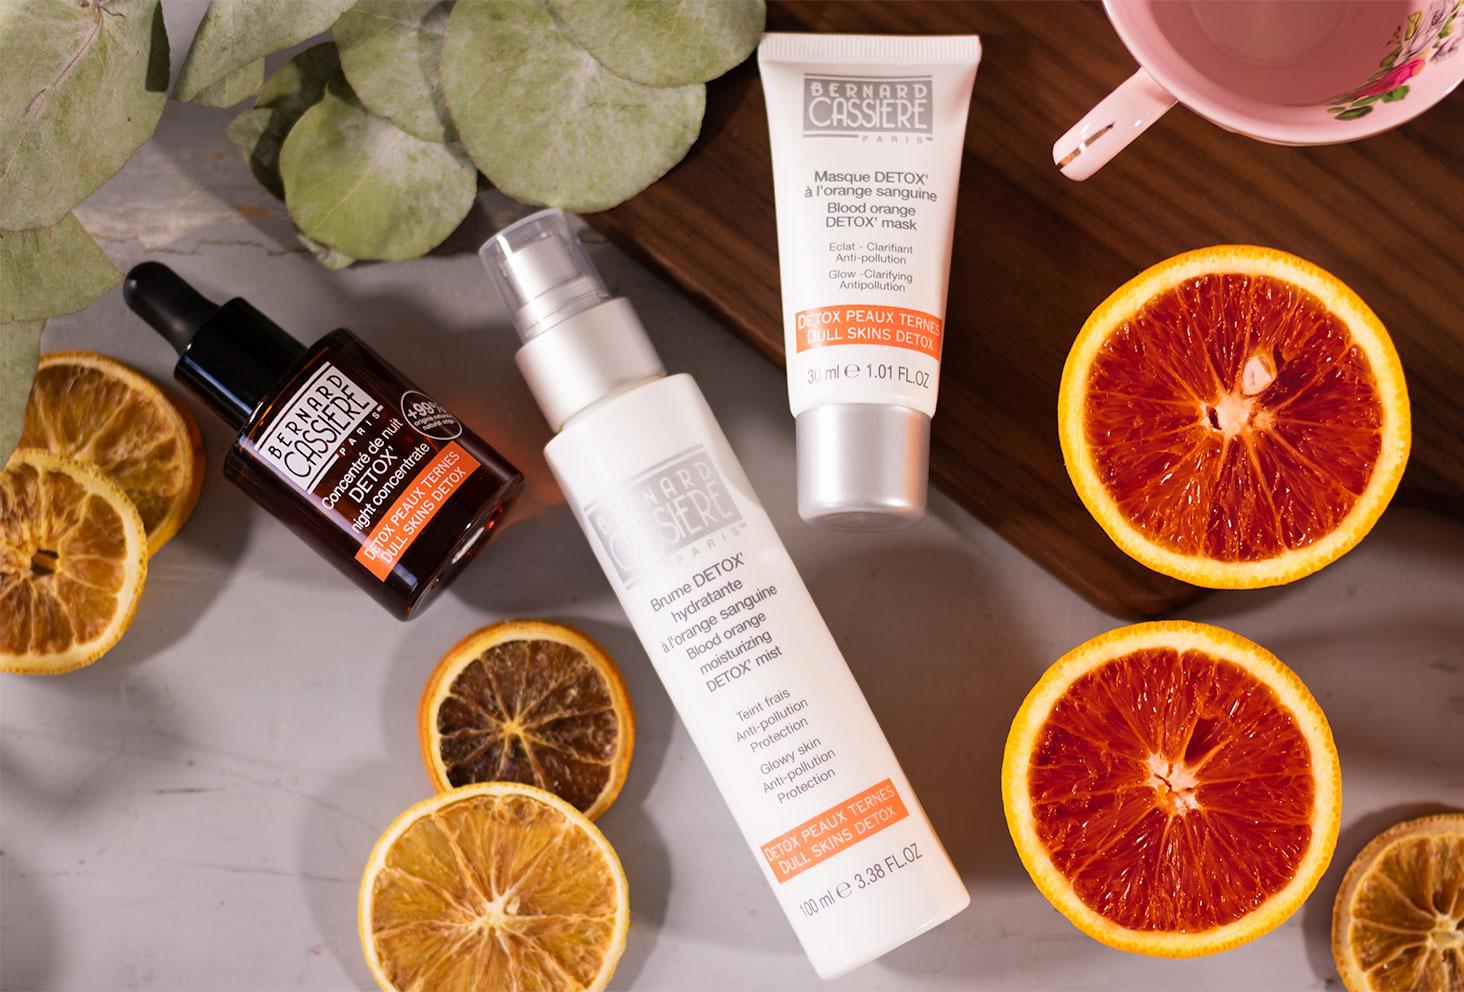 Les produits détox à l'orange sanguine de Bernard Cassière posé sur une planche en bois et sur une table grise au milieu des oranges sanguines